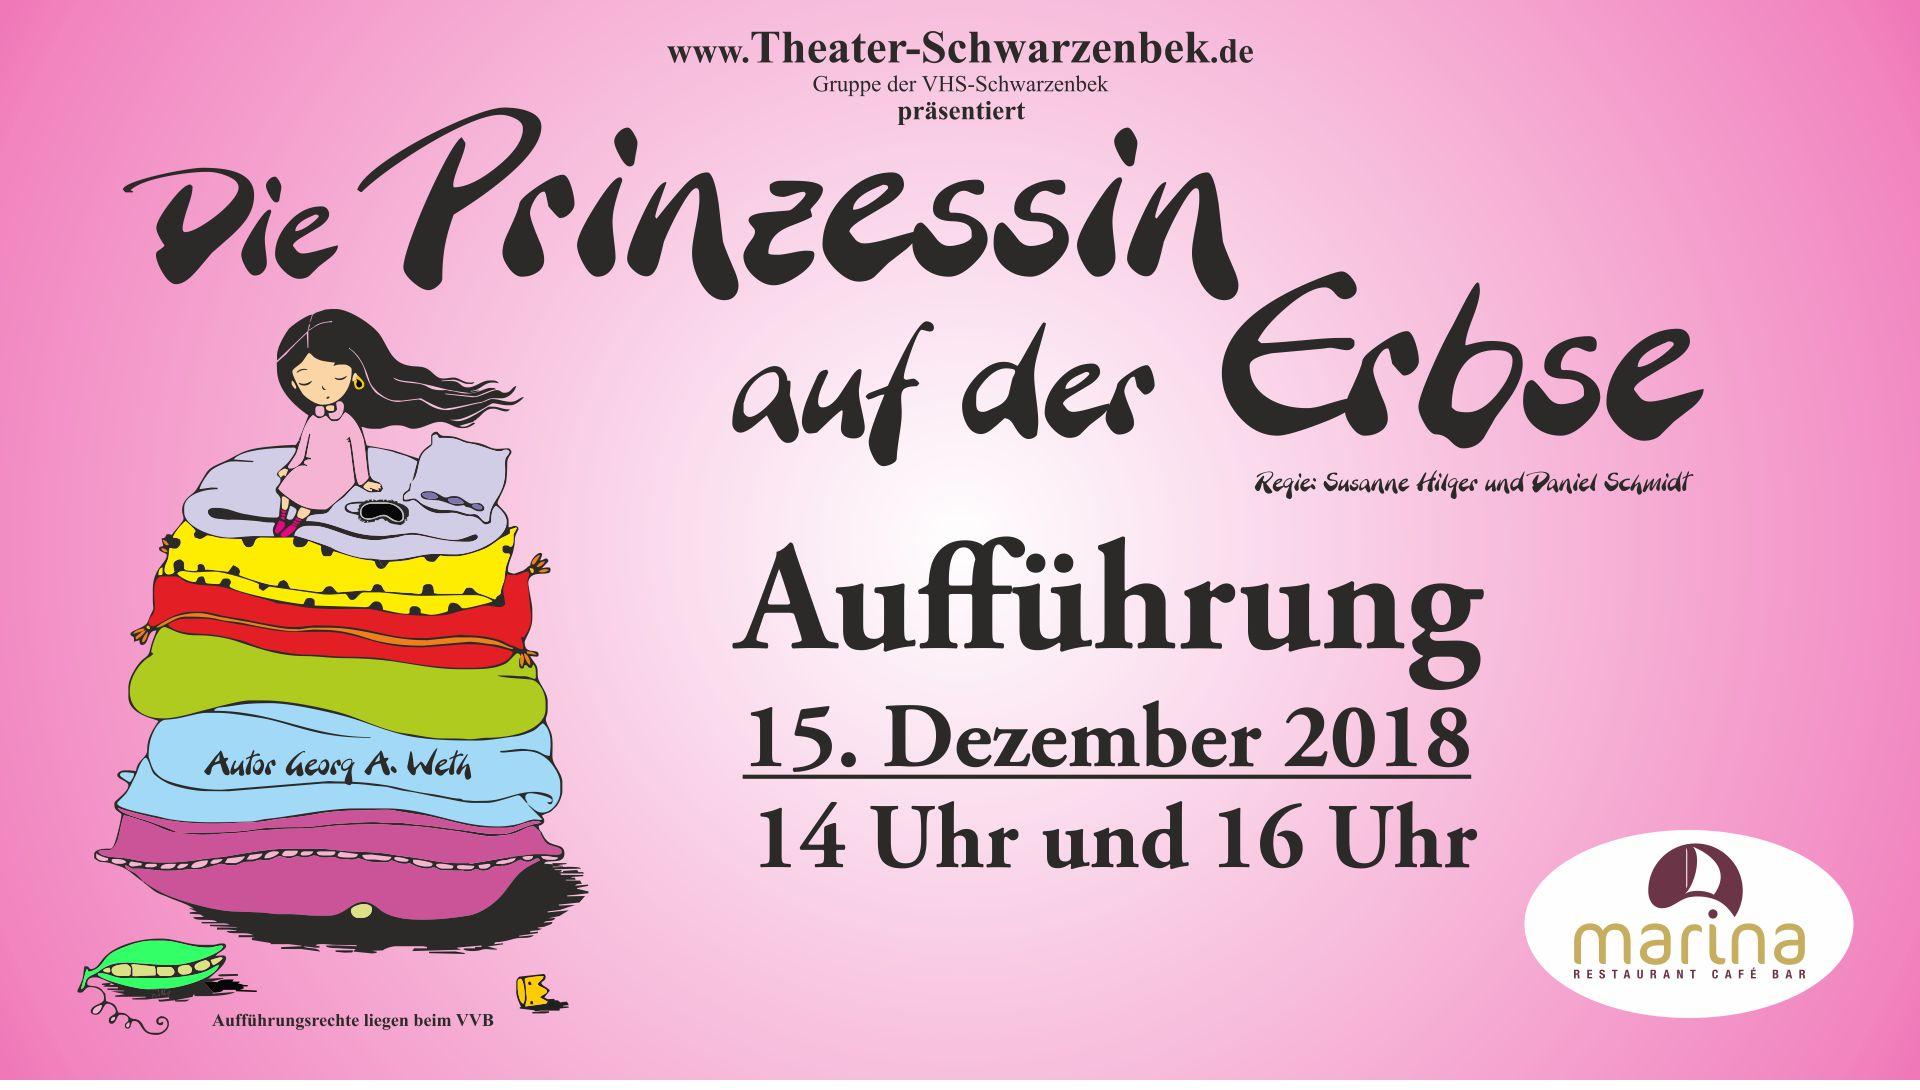 Unser Weihnachtsmärchen am 15. Dezember 2018: Die Prinzessin auf der Erbse!